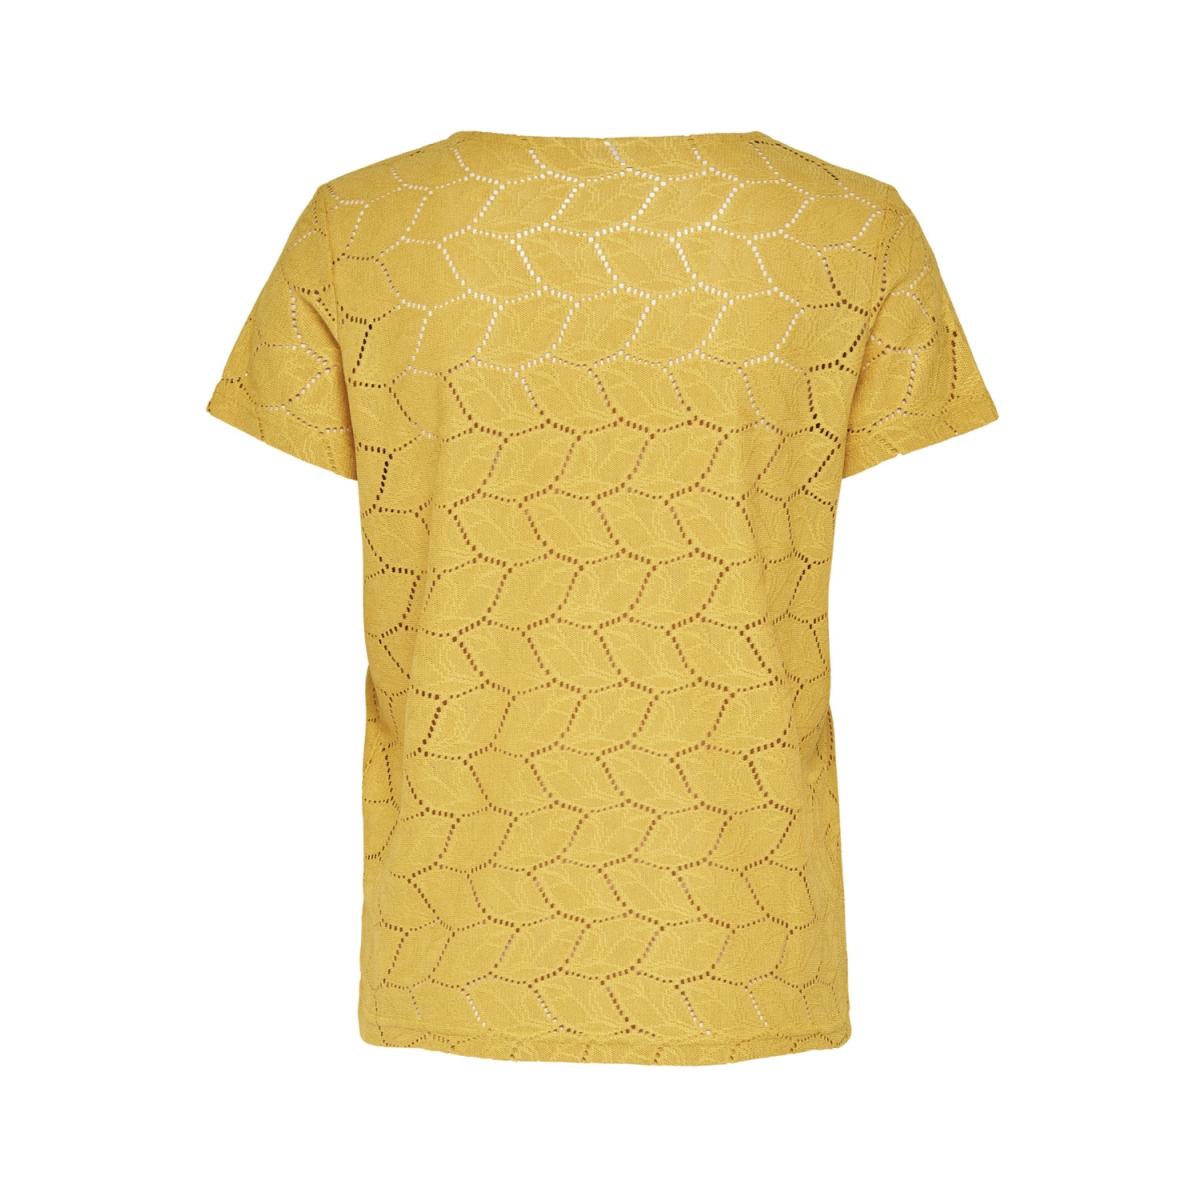 jdytag s/s lace top jrs rpt2 noos 15152331 jacqueline de yong t-shirt spicy mustard